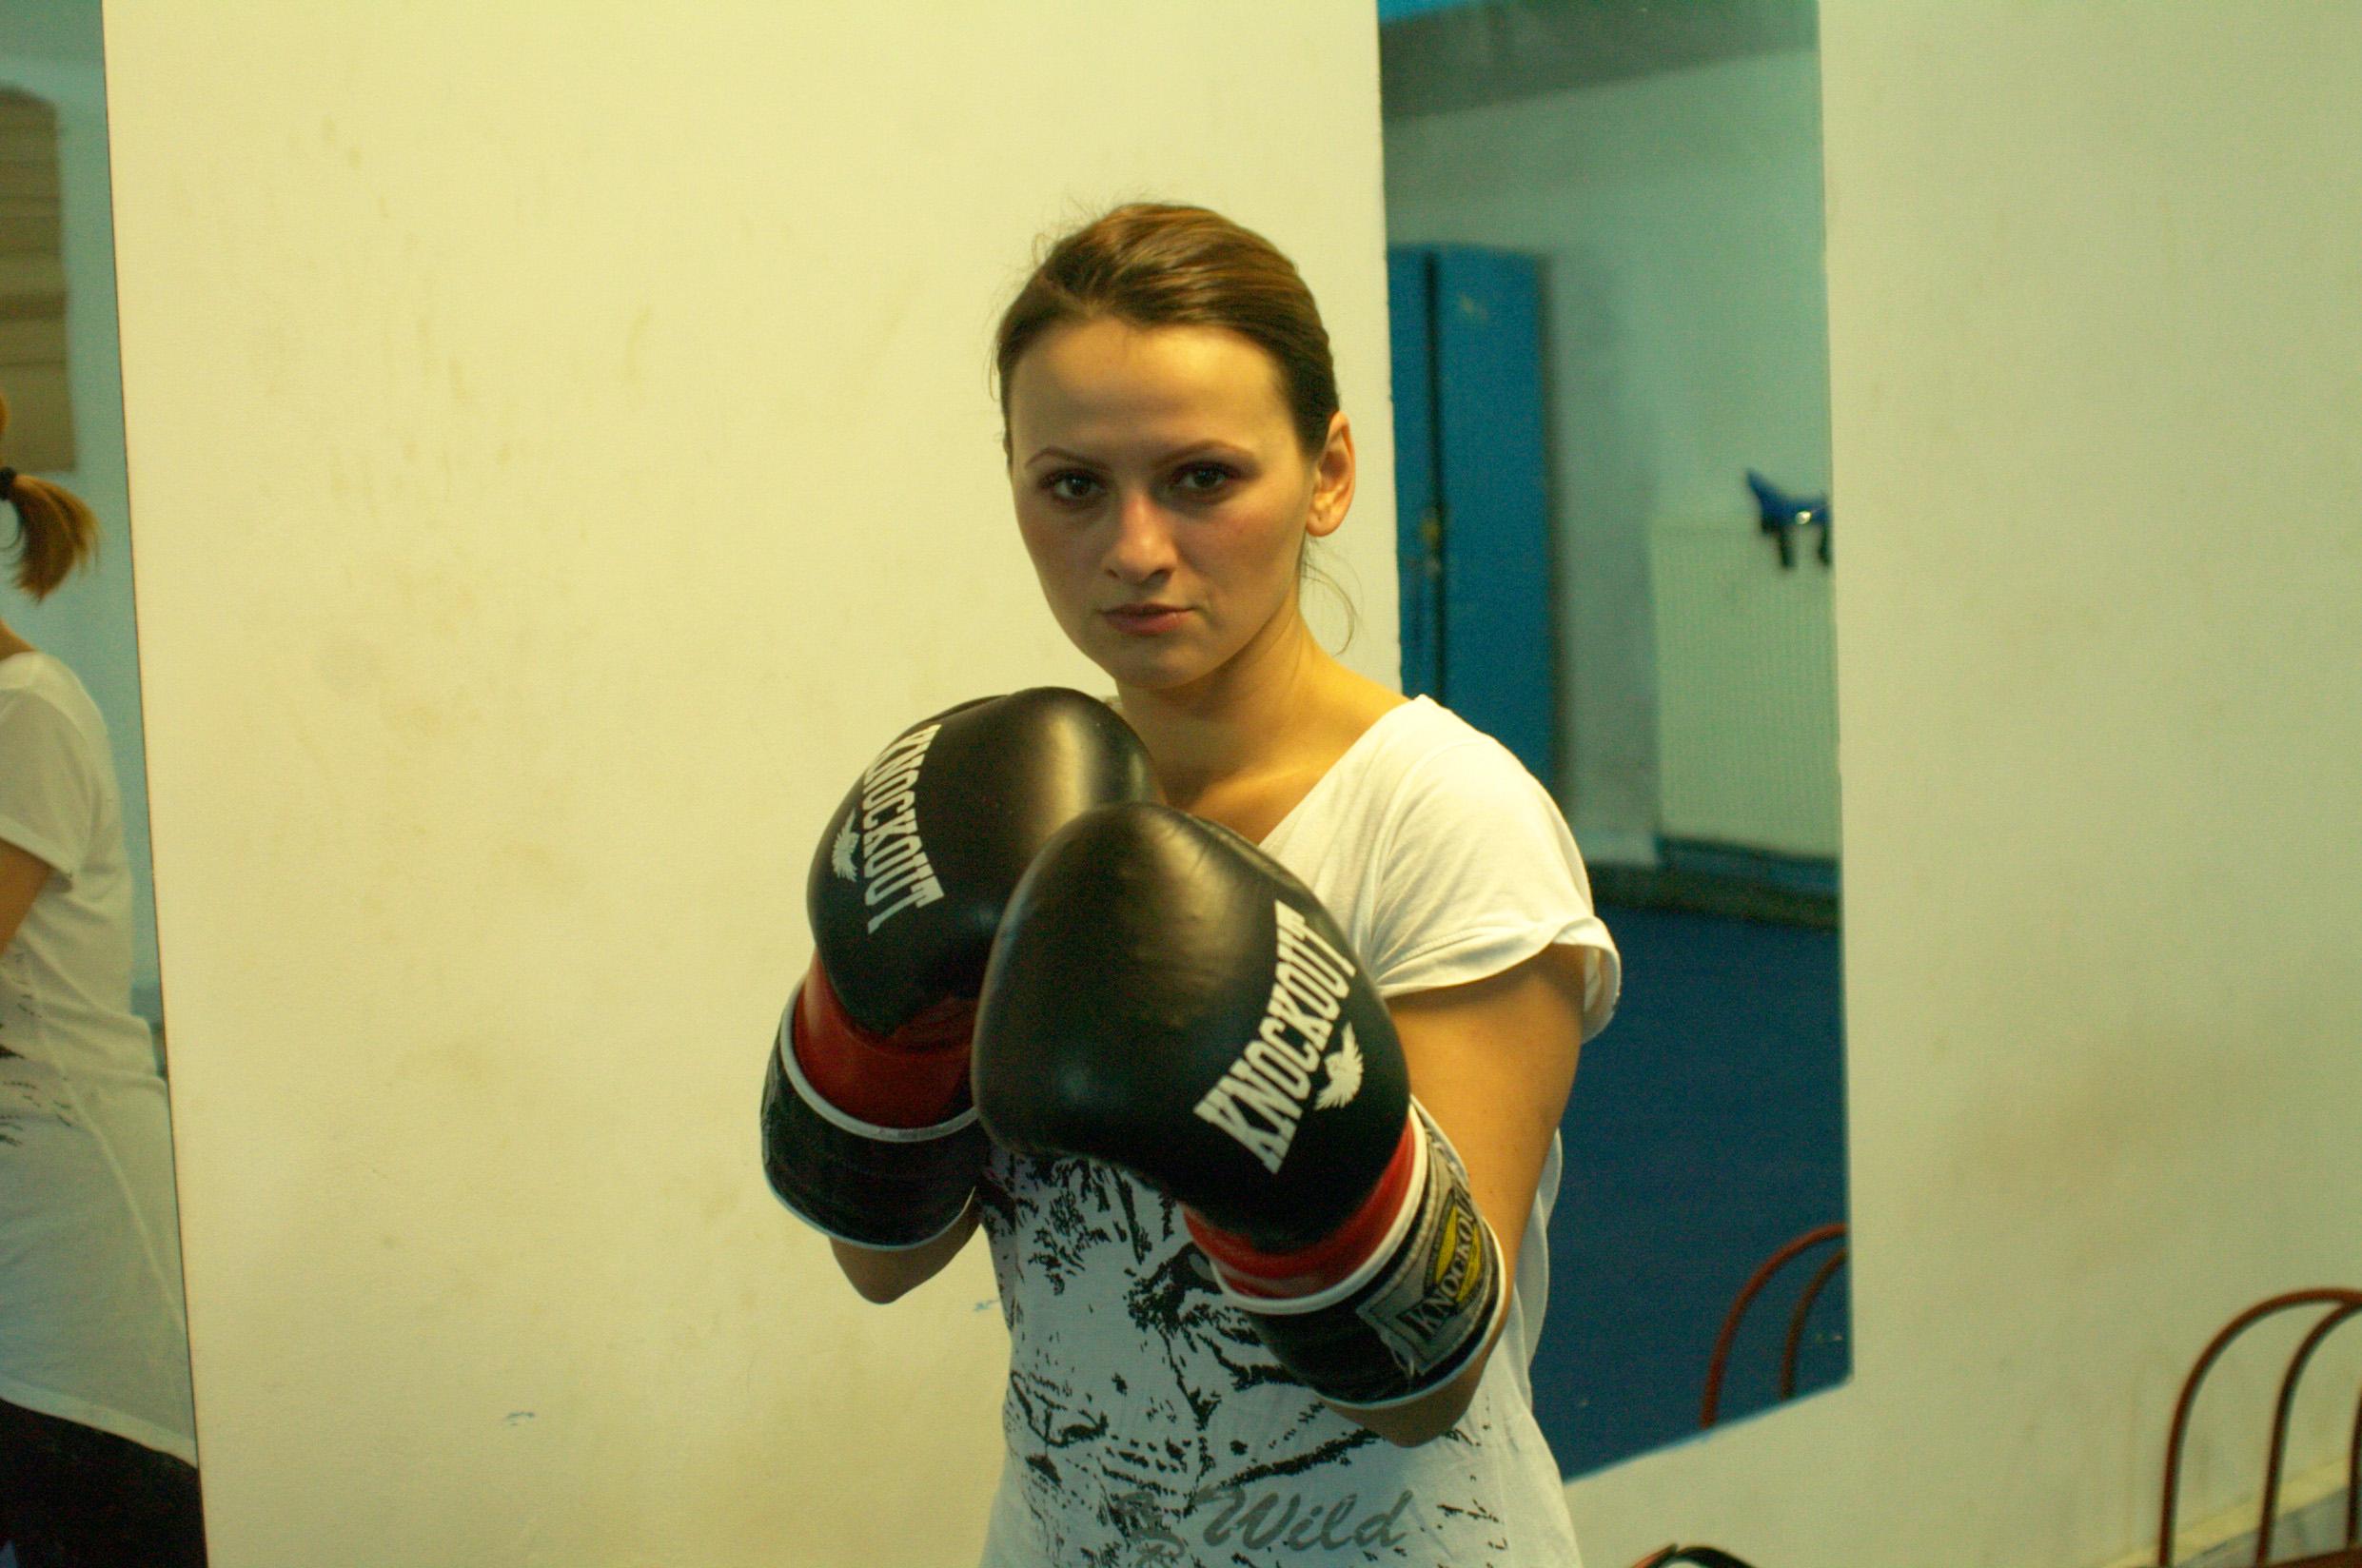 Imagini de la cursurile de kickboxing pentru fete Bucuresti SHINPO